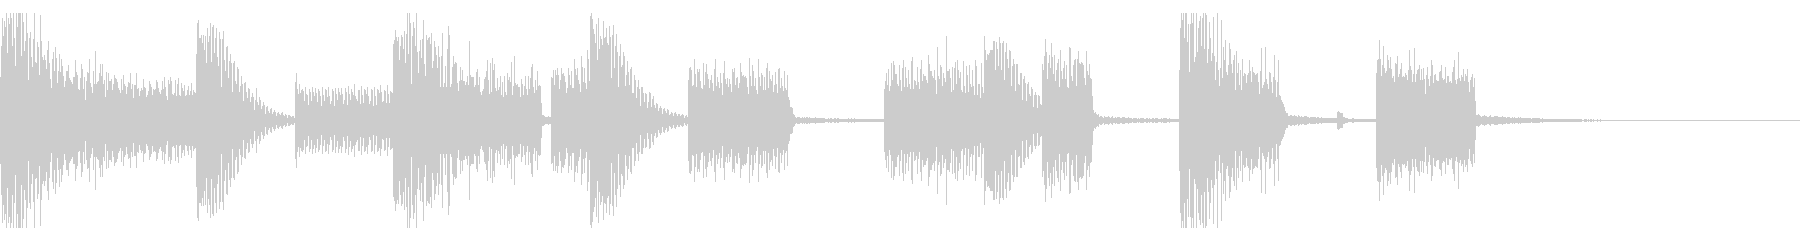 シンプルなチップチューンのジングルの未再生の波形